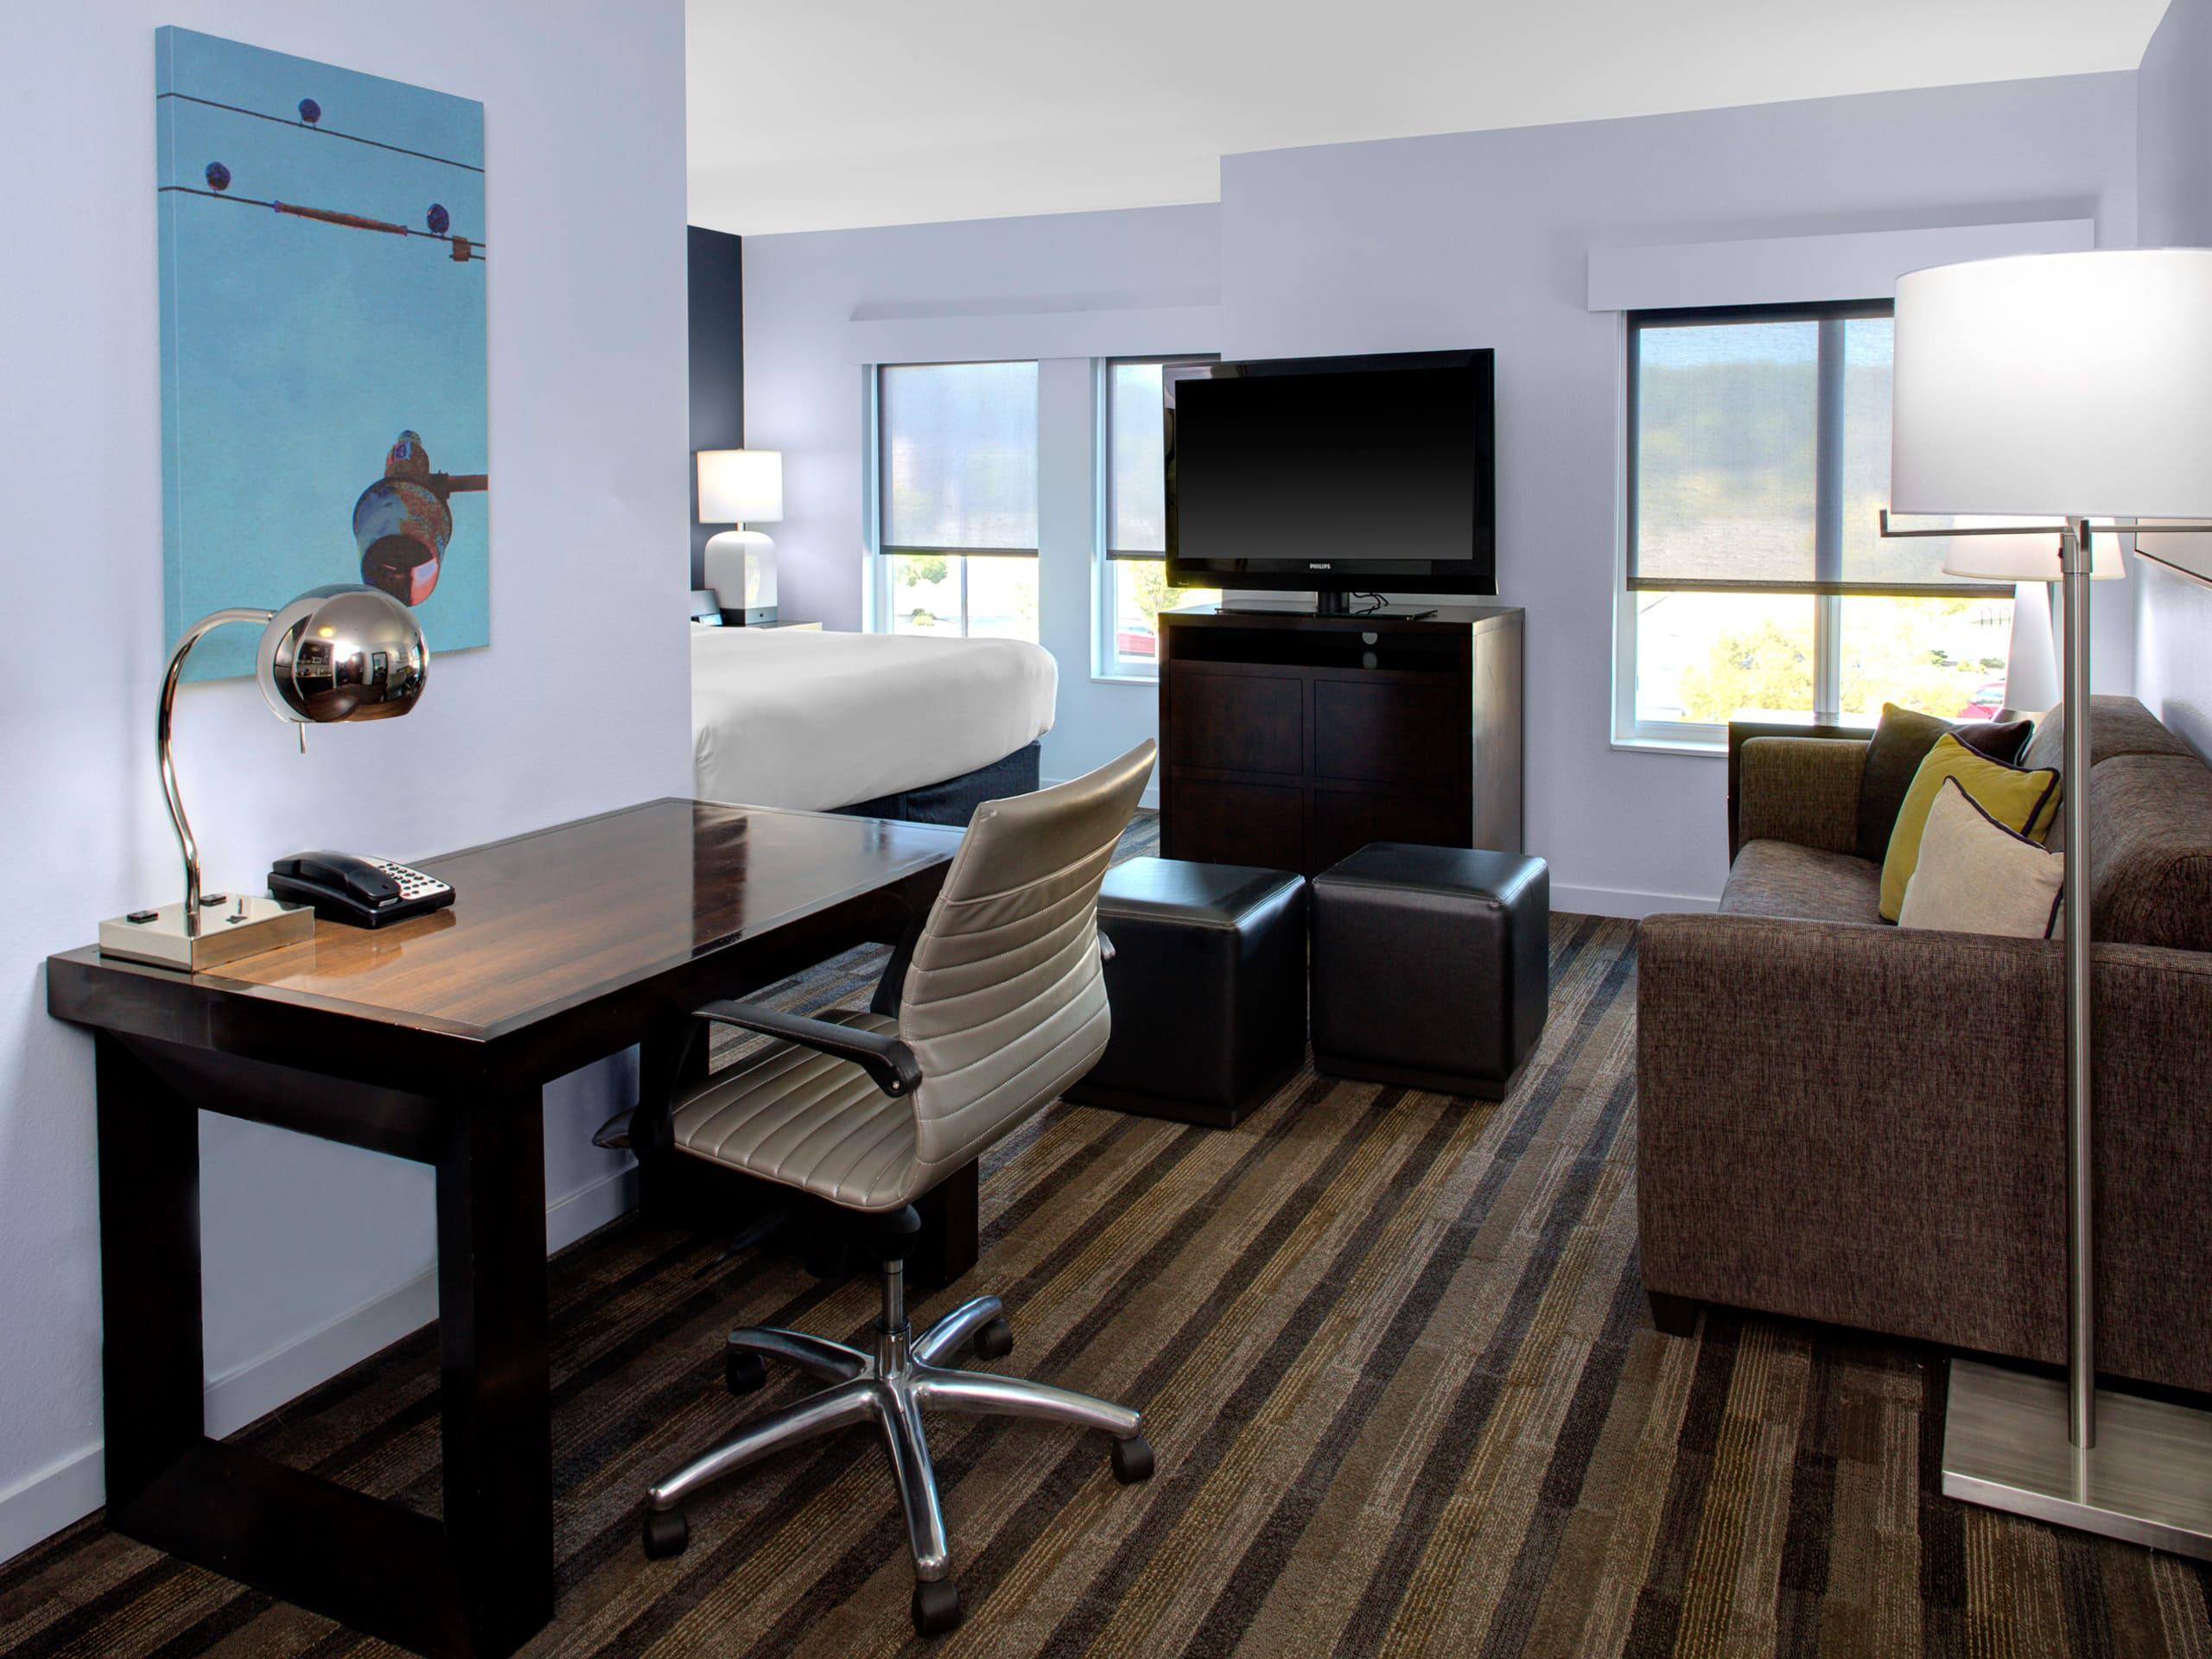 extended stay hotel near raleigh durham airport hyatt house rh hyatt com